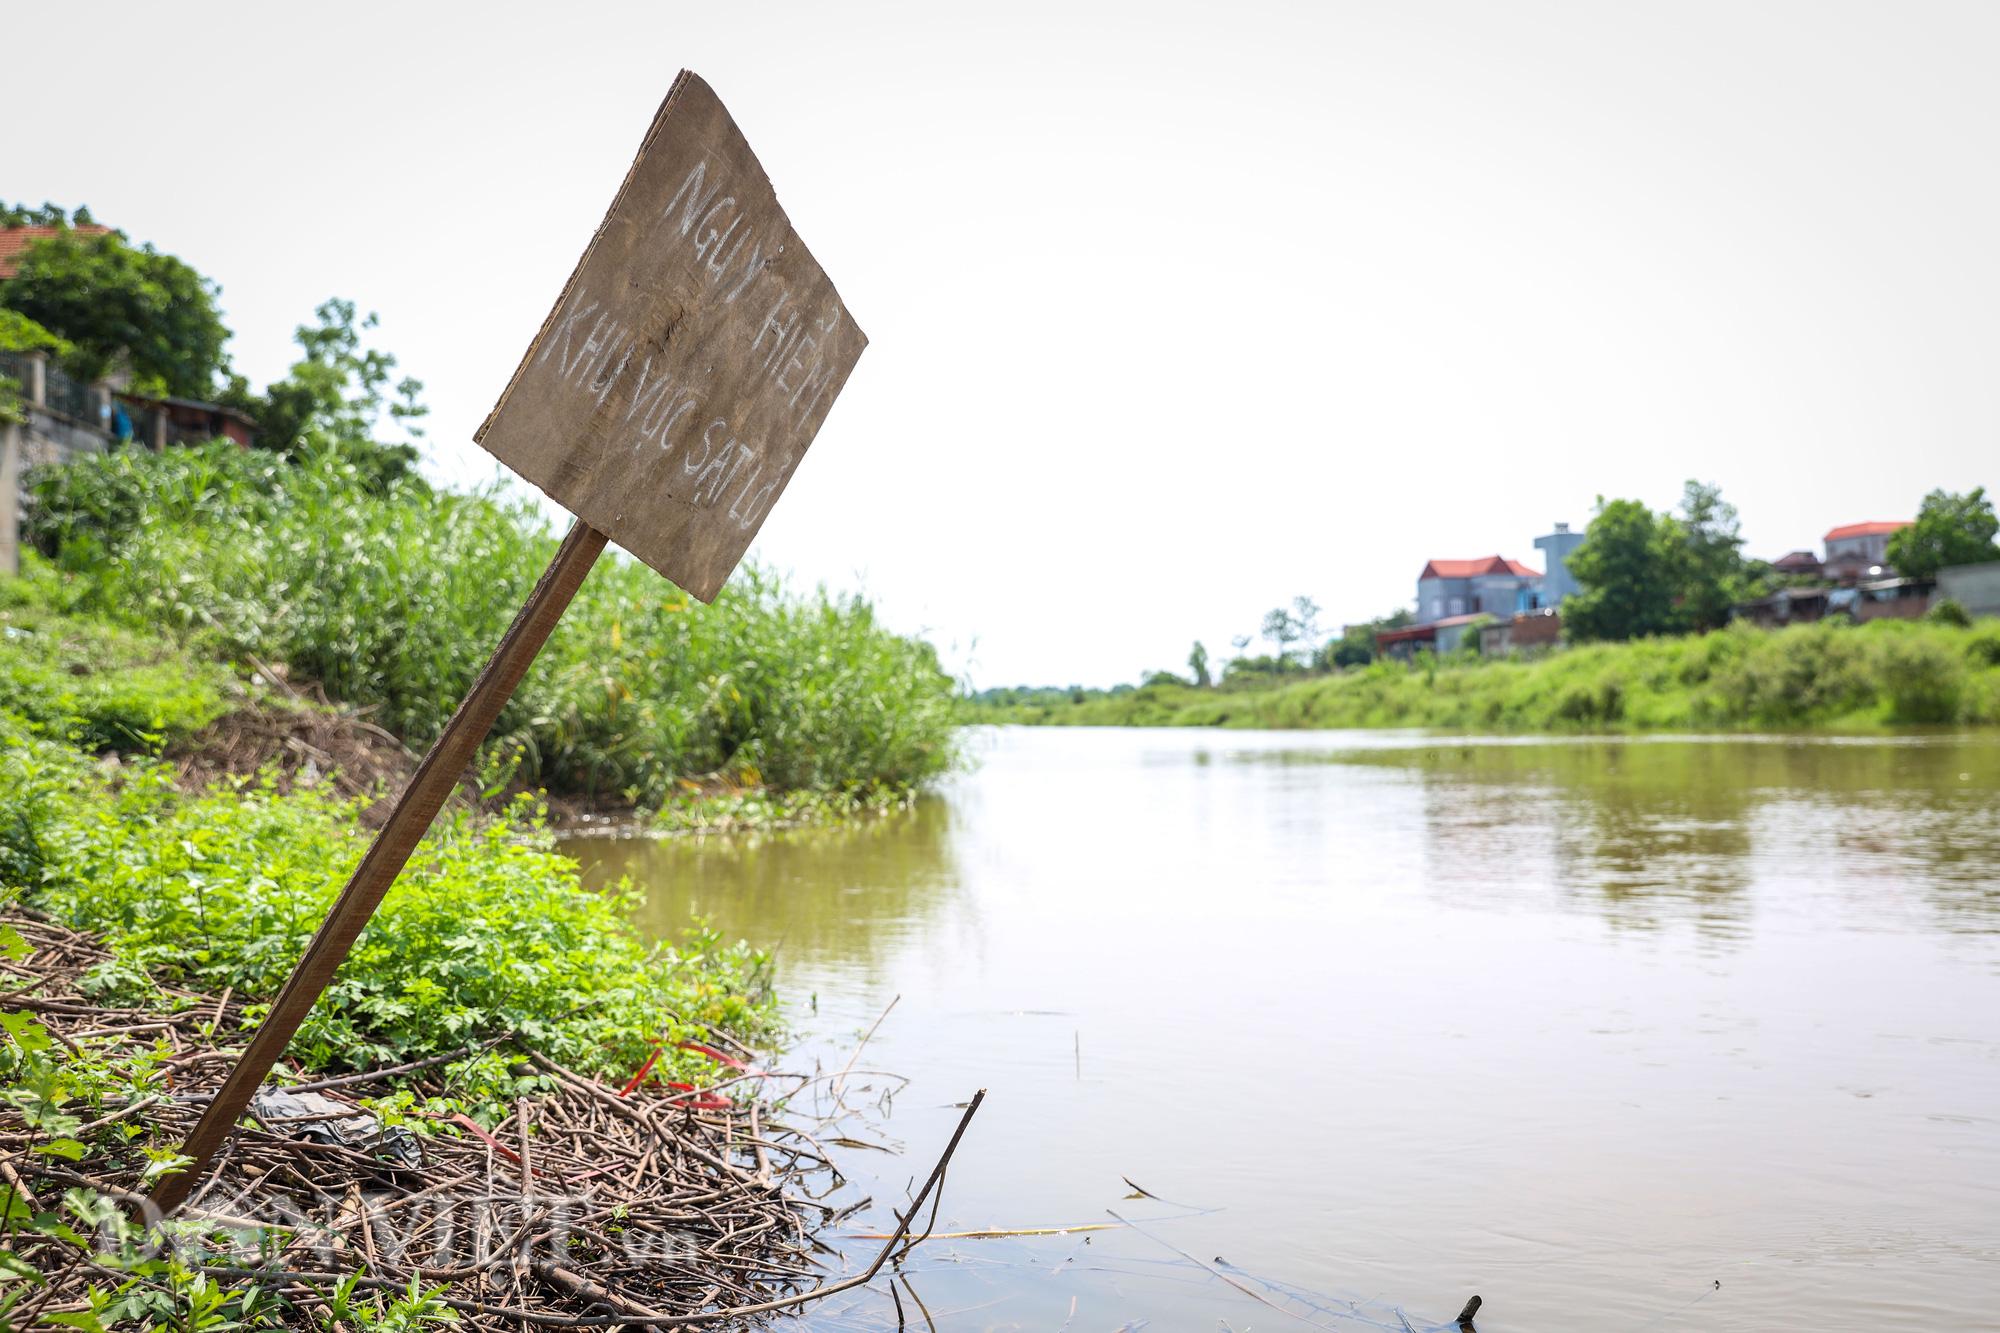 Đền Ba Voi ở Hà Nội bị đóng cửa vì sạt lở bờ sông - Ảnh 6.